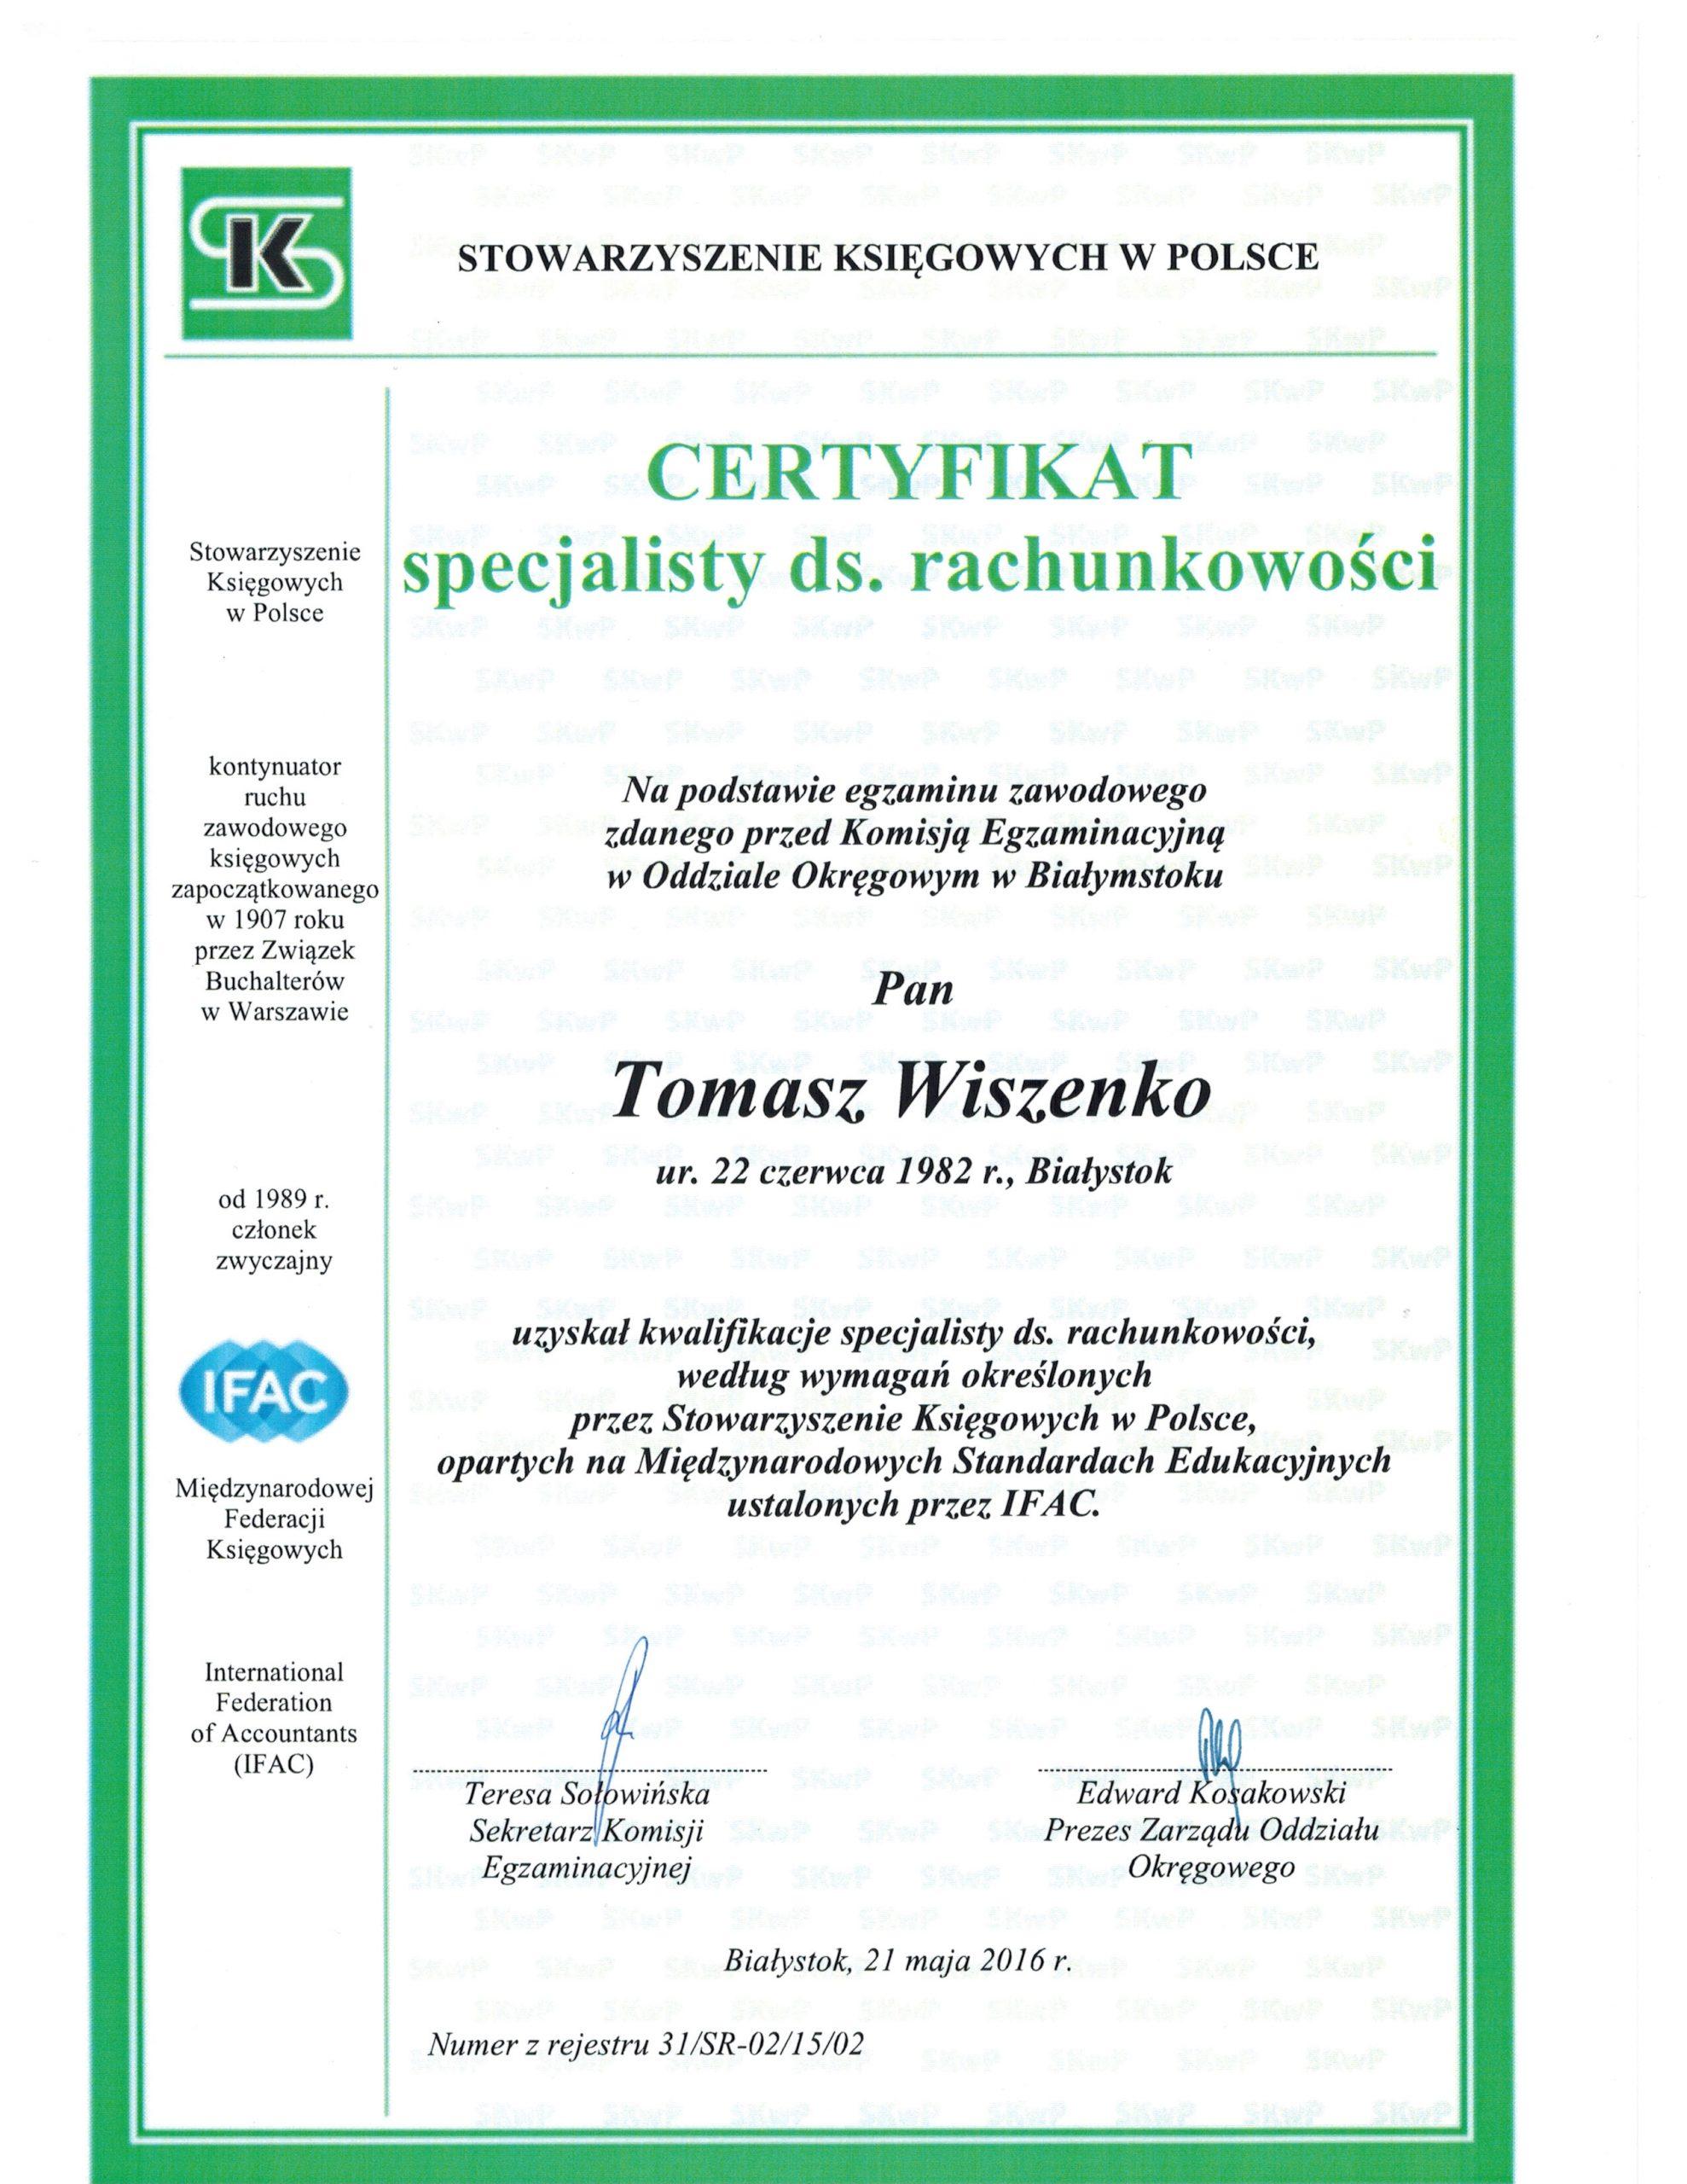 Certyfikat Specjalista Tomasz